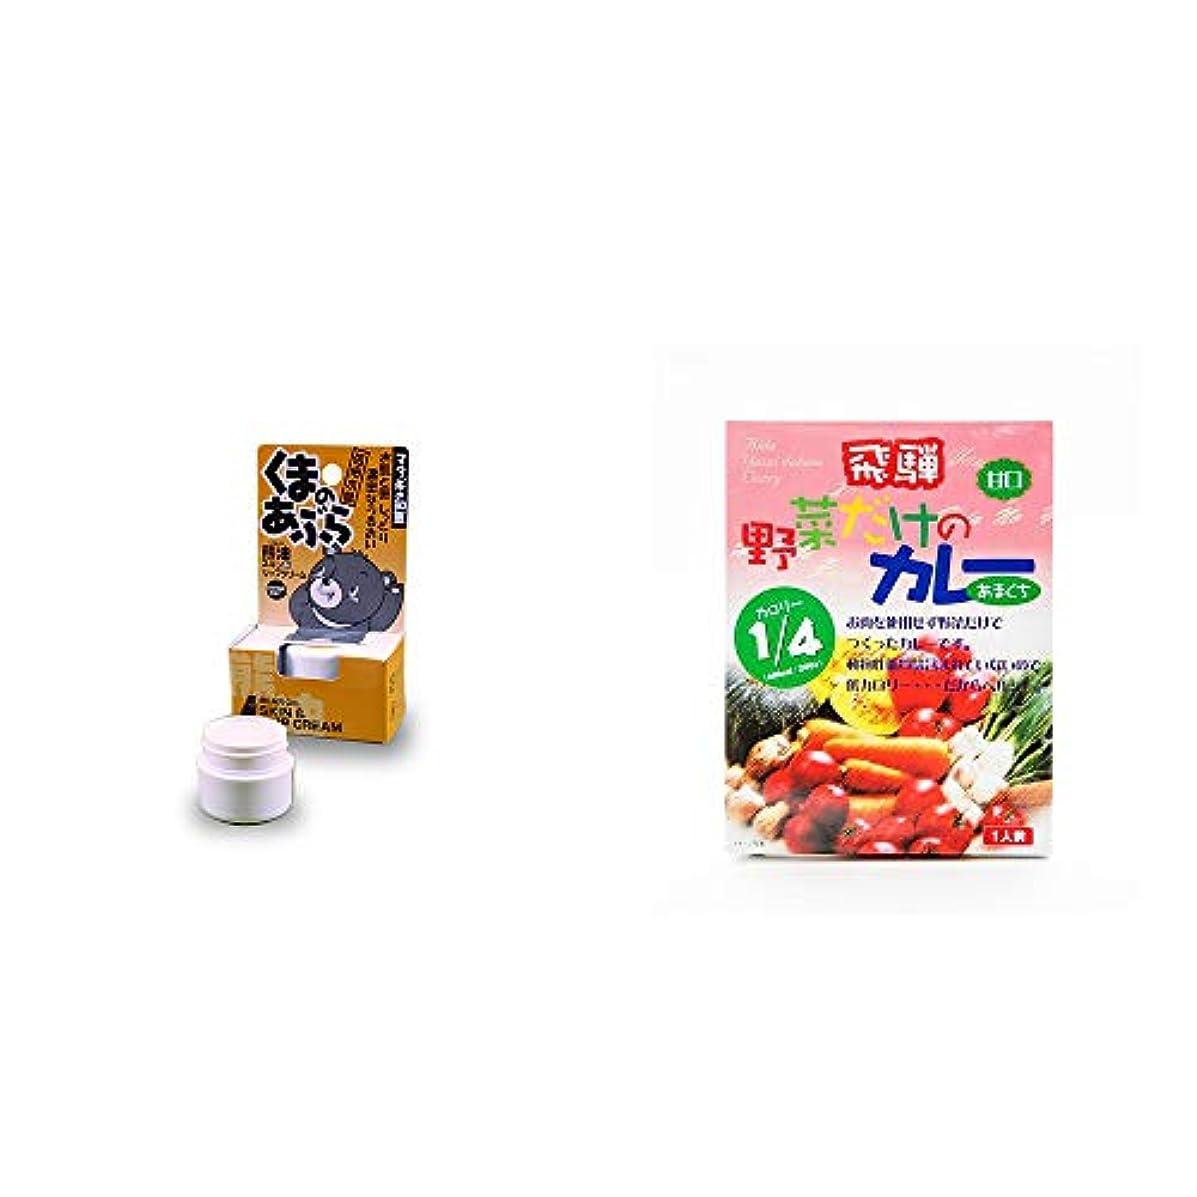 スプーン水を飲むスキャン[2点セット] 信州木曽 くまのあぶら 熊油スキン&リップクリーム(9g)?天領食品 野菜だけのカレー 【甘口】 (1食分)